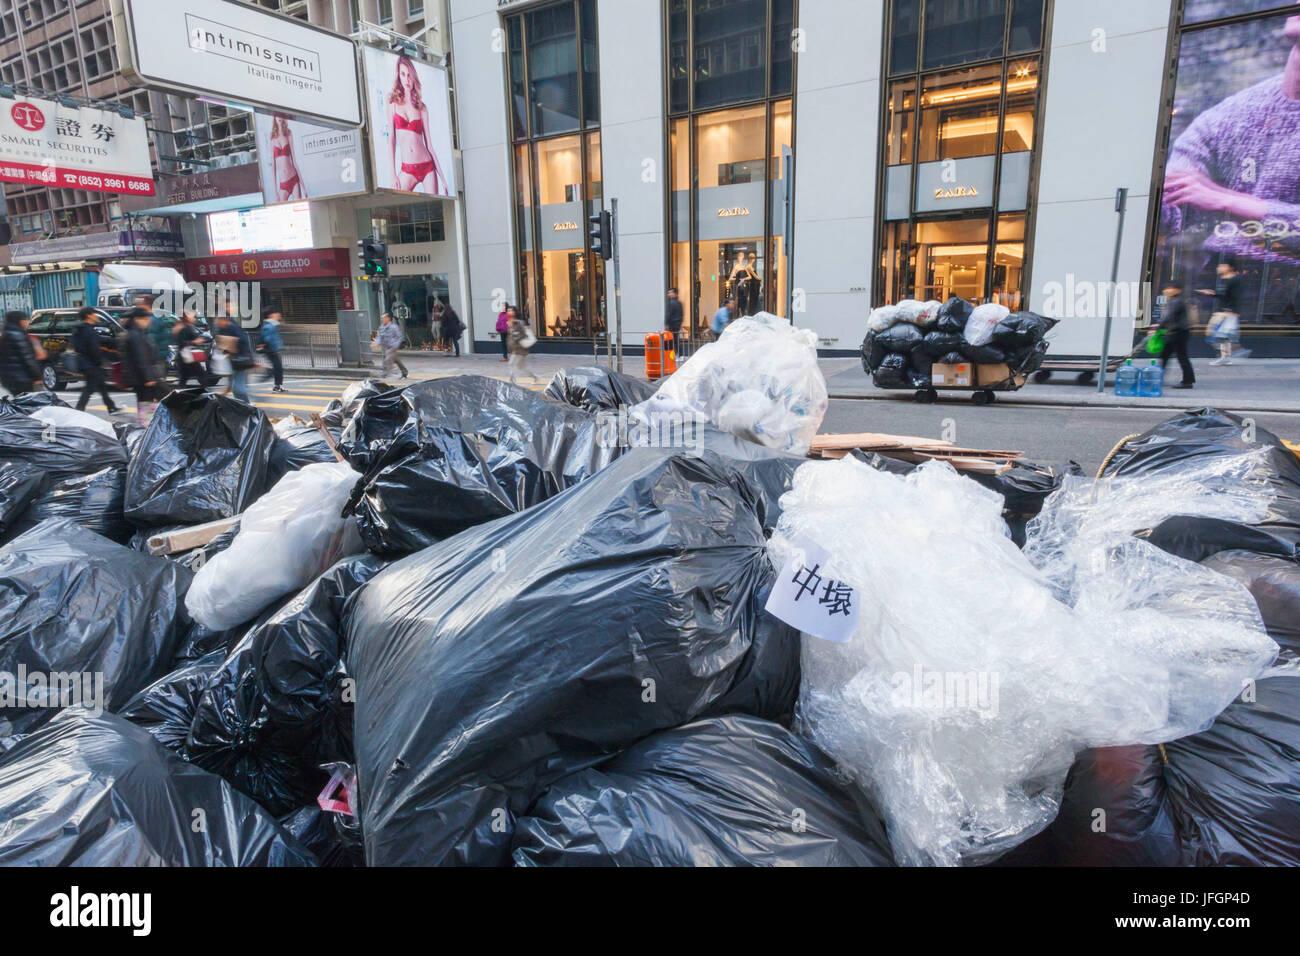 China, Hong Kong, Refuse Sacks Waiting Collection - Stock Image